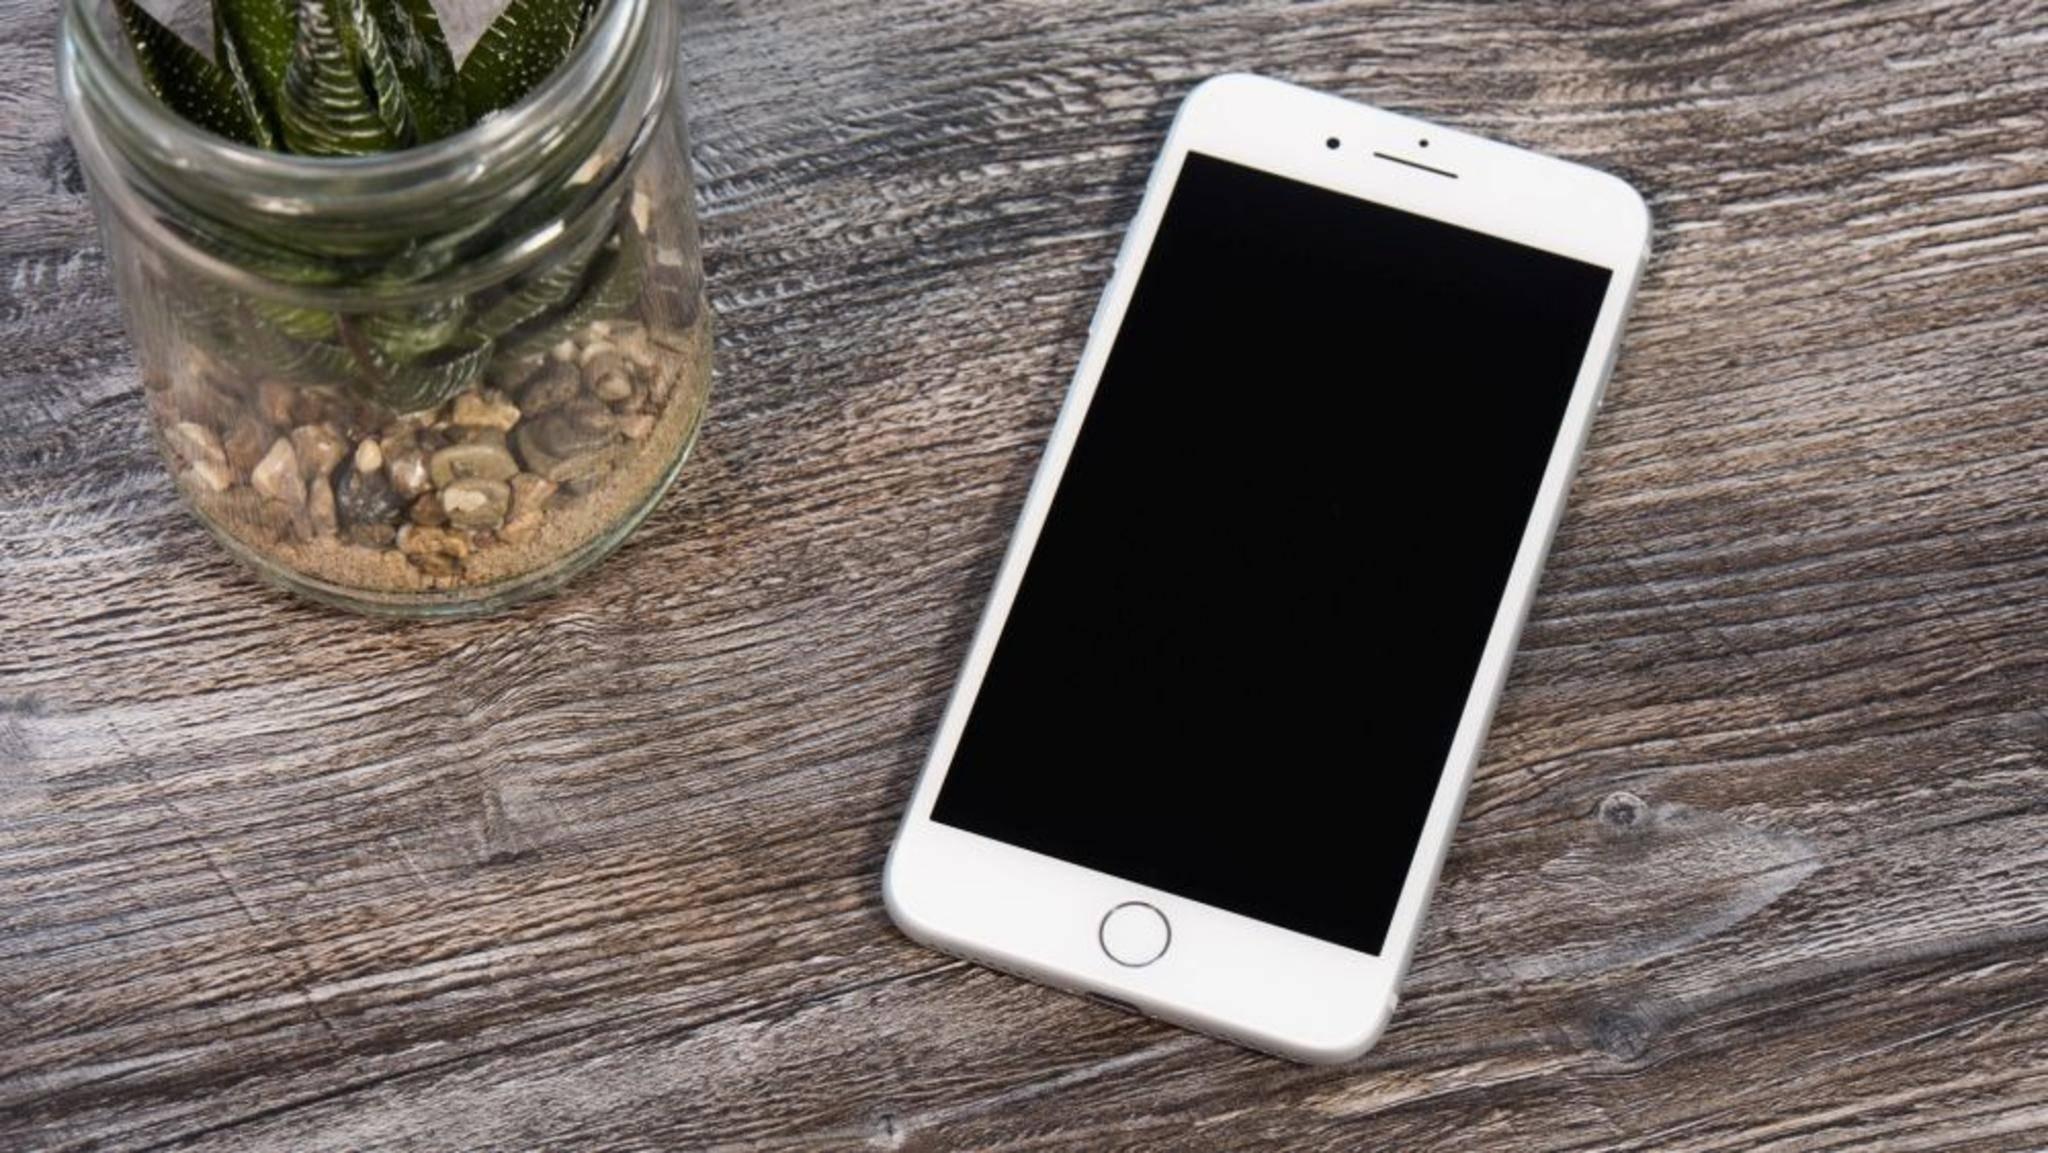 Das iPhone 7 Plus ist dank A10 Fusion-Prozessor pfeilschnell,